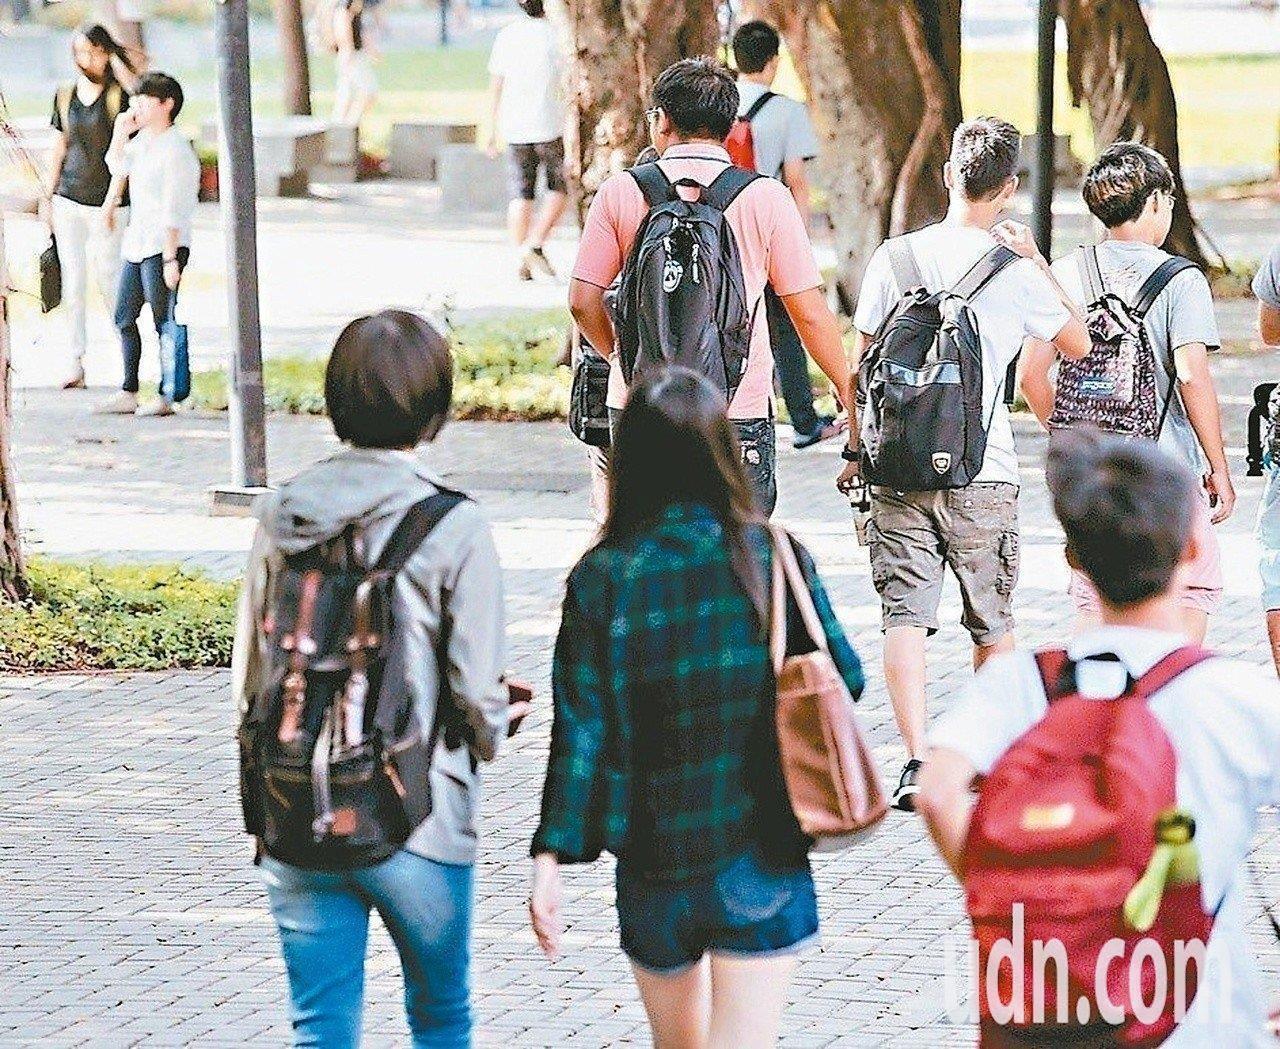 108年度高級中等以下學校及幼兒園教師資格考試第2次考試將於6月1日舉行,報名即...